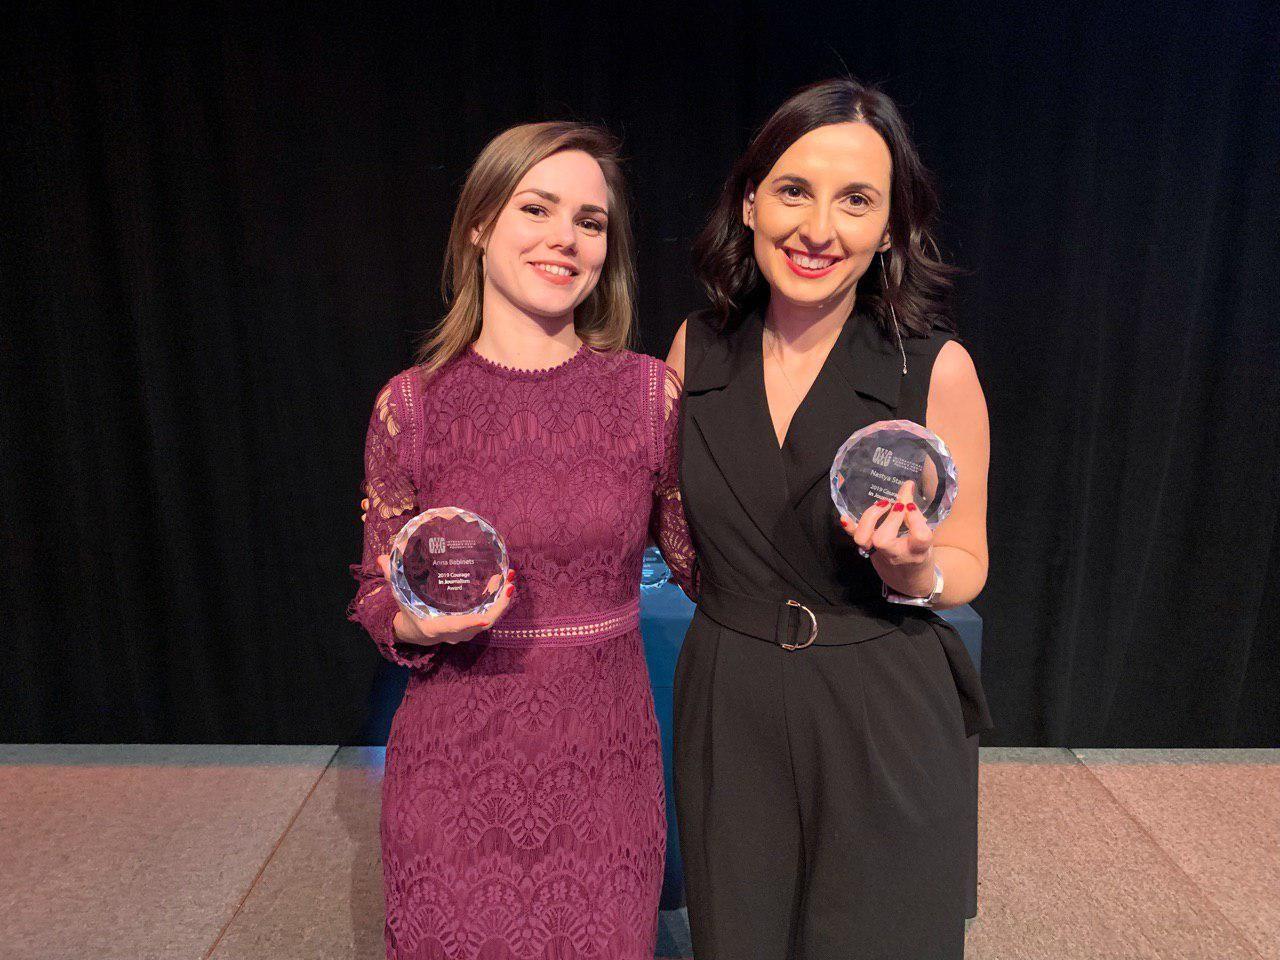 У США Анастасії Станко й Анні Бабінець вручили премії за сміливість у журналістиці